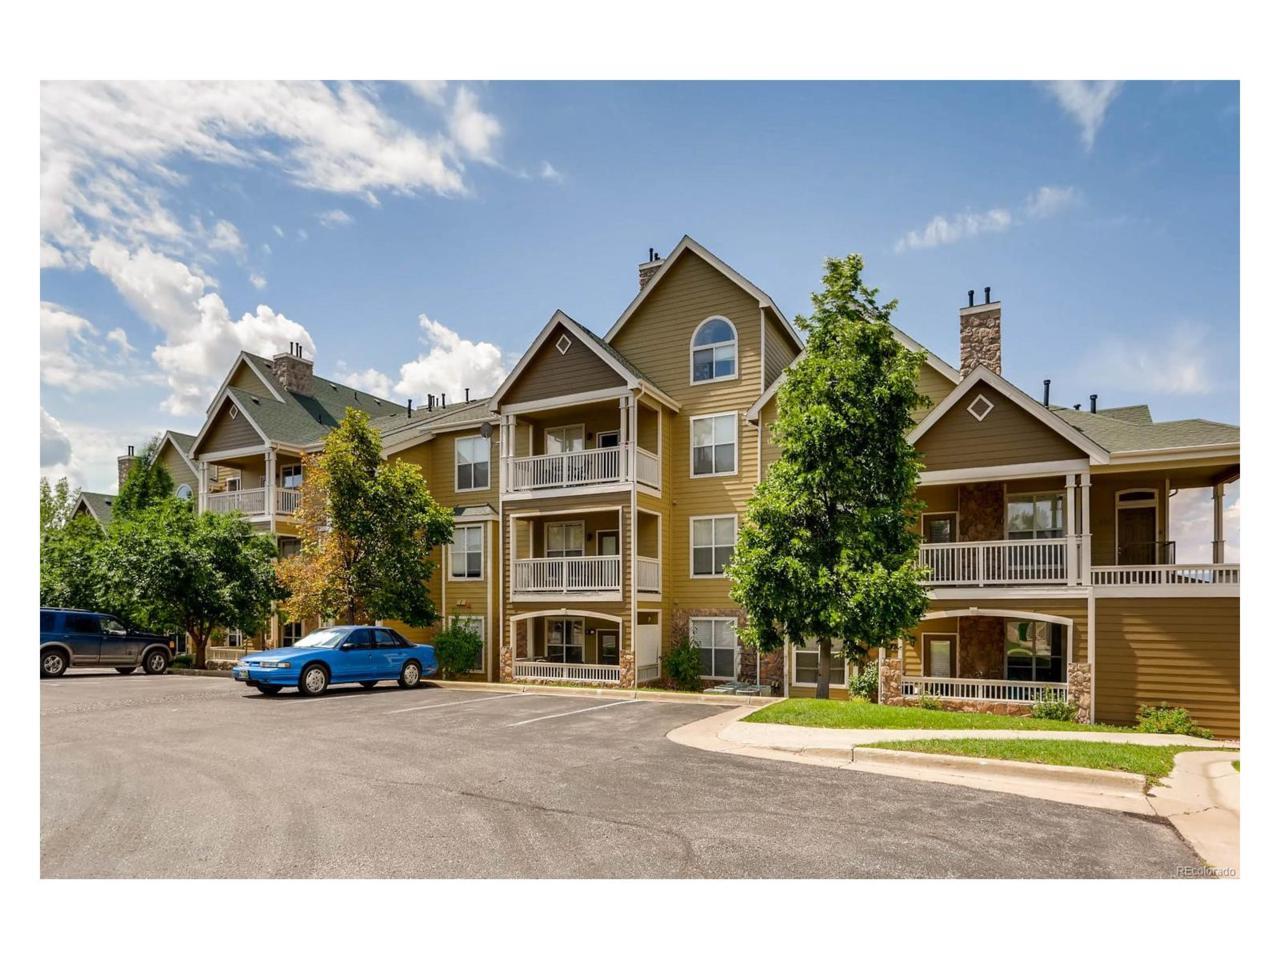 6017 Castlegate Drive F25, Castle Rock, CO 80108 (MLS #2351459) :: 8z Real Estate